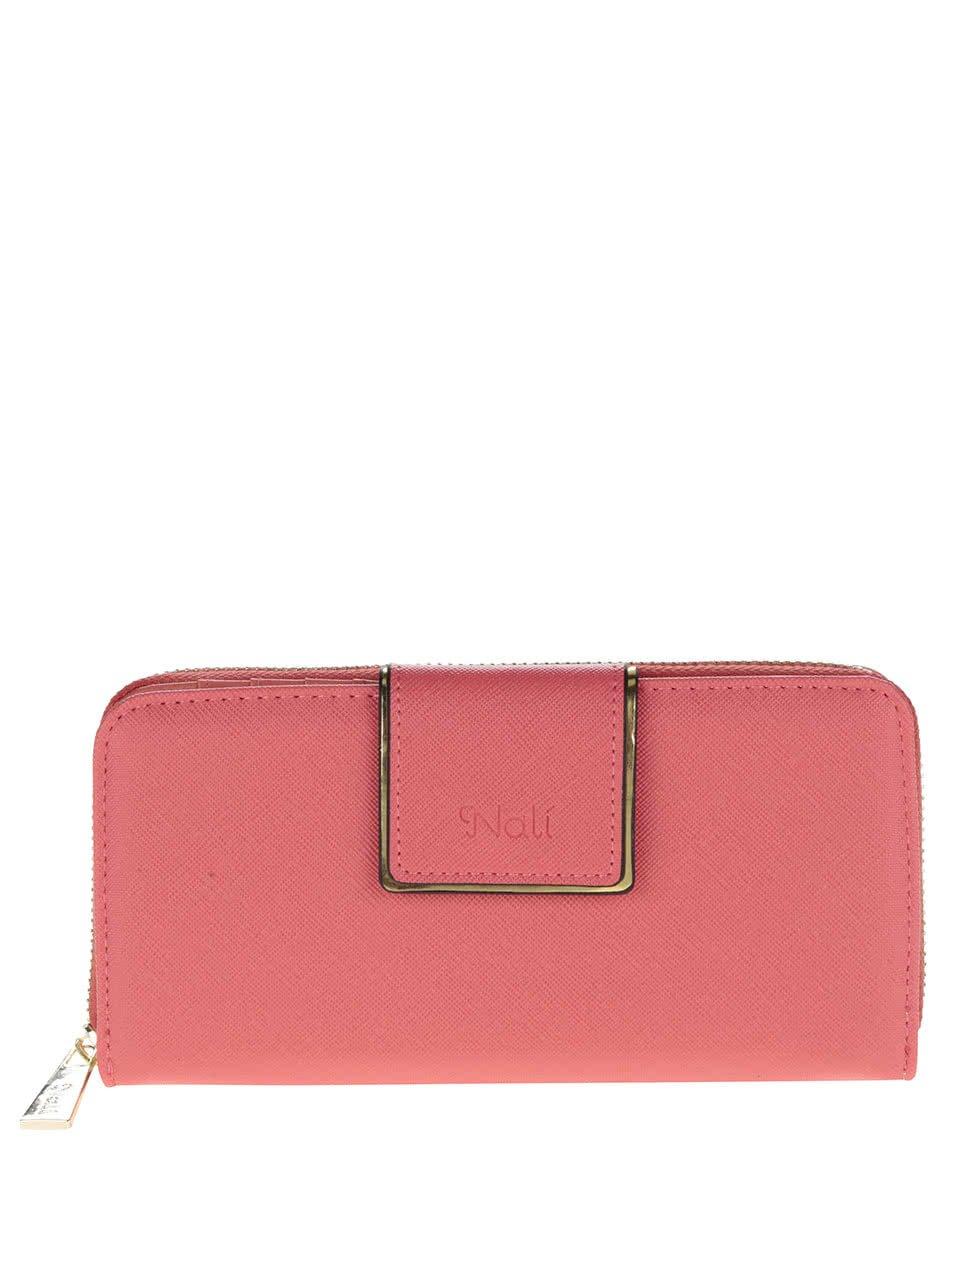 Neonově růžová peněženka s detaily ve zlaté barvě Nalí